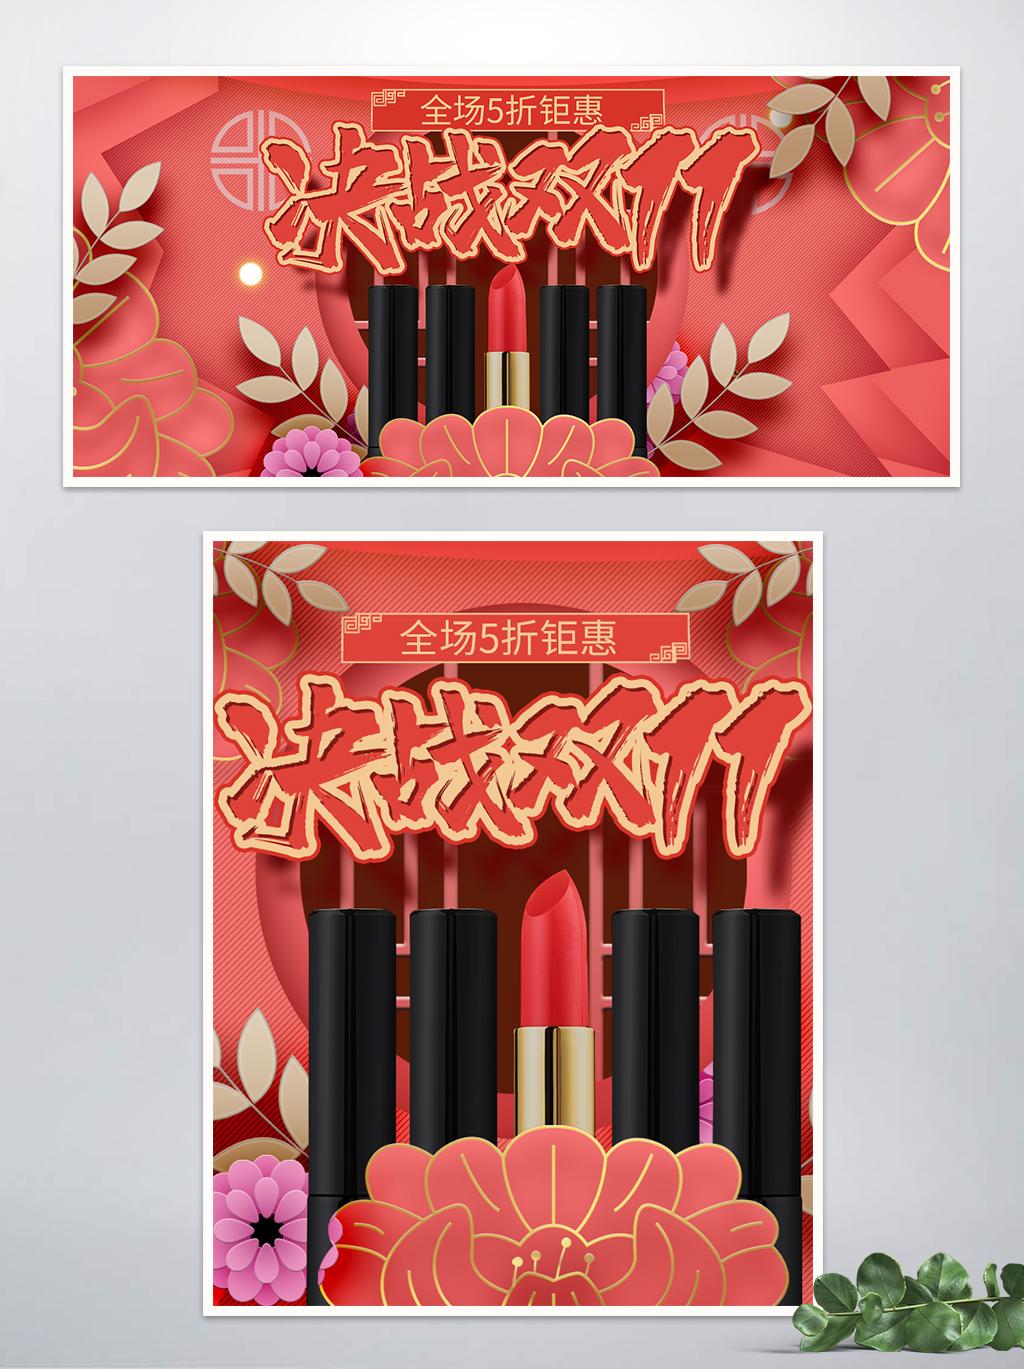 双11中国风全球狂欢节化妆品banner双十一